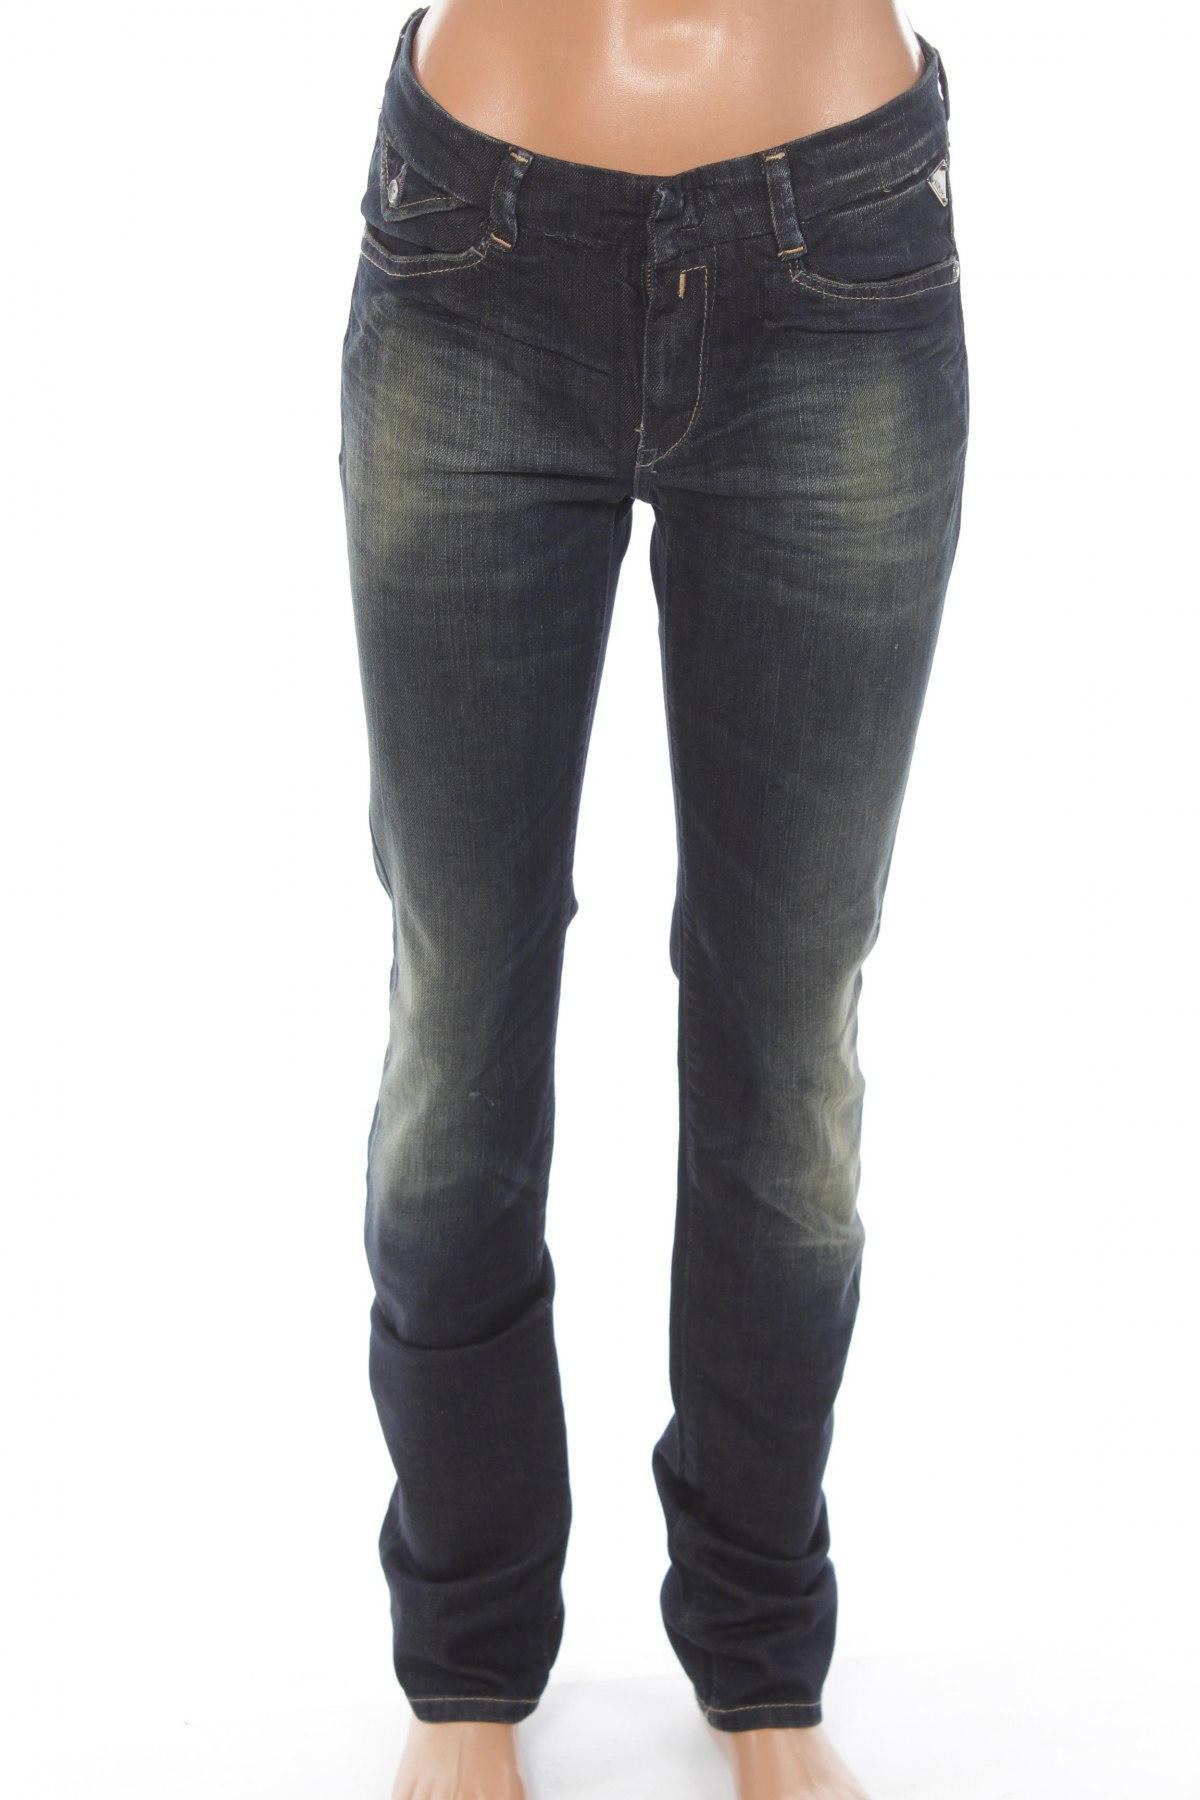 Dámské džíny Replay - koupit za vyhodné ceny na Remix -  102228675 6e3d395345